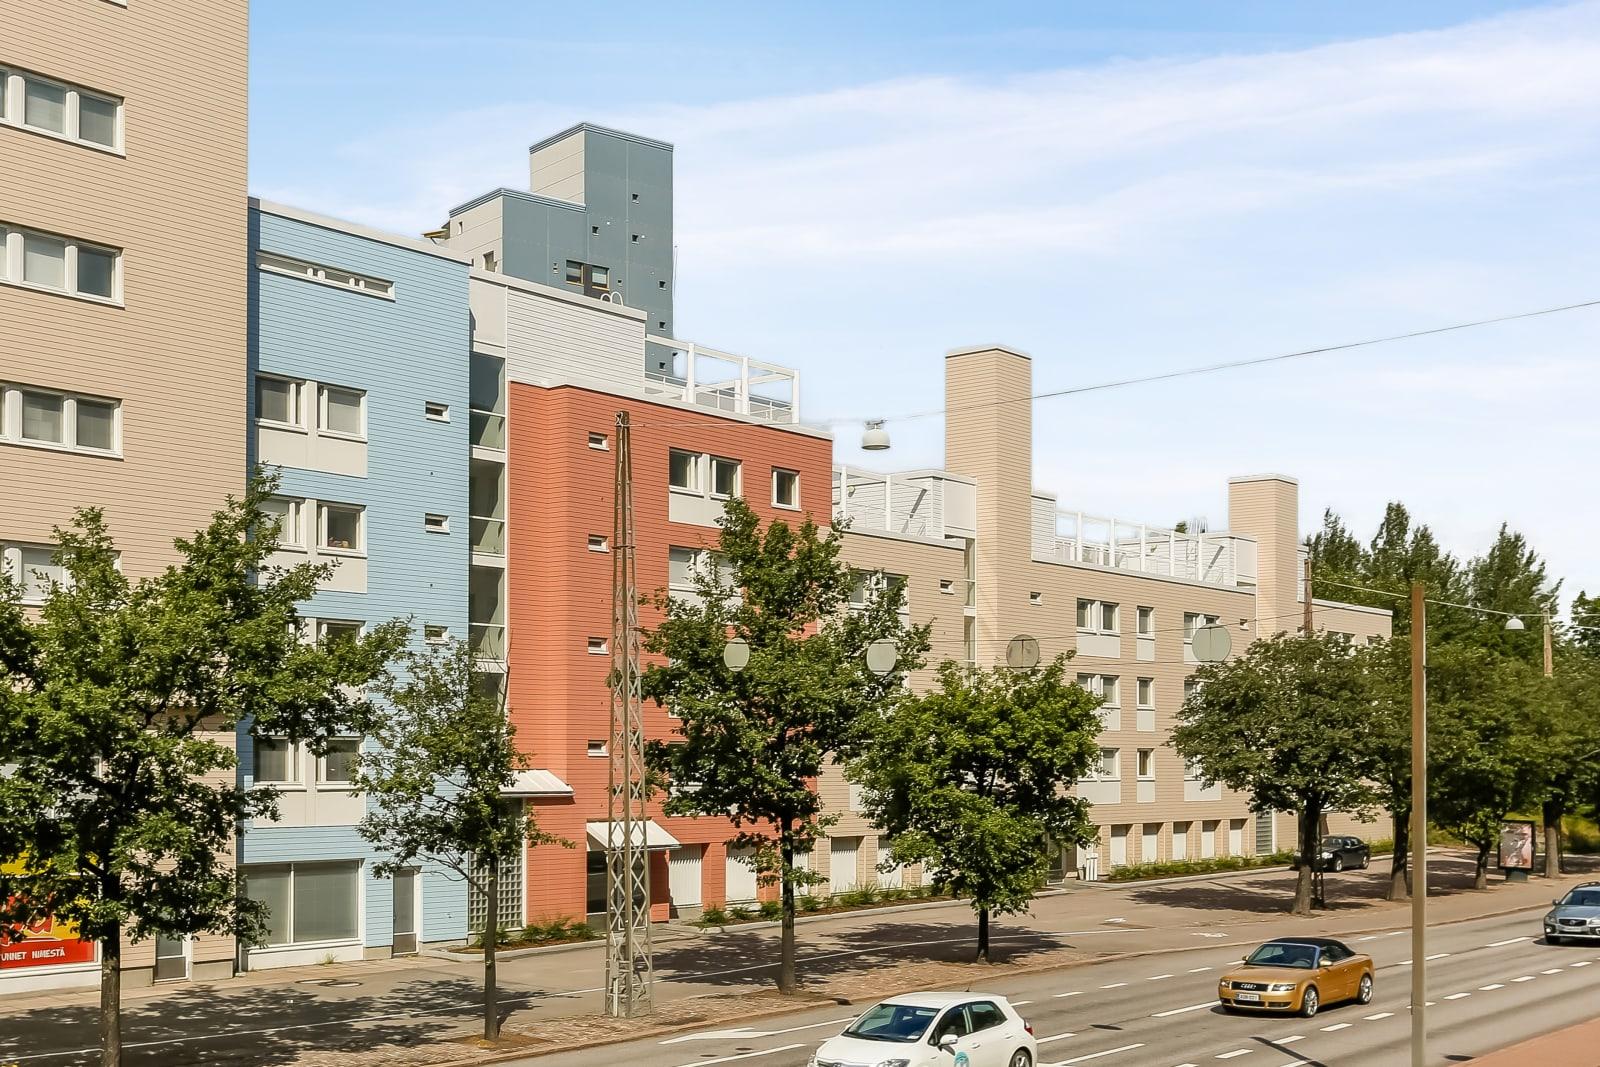 Helsinki, Pikku Huopalahti, Korppaanmäentie 1, Mannerheimintie 170